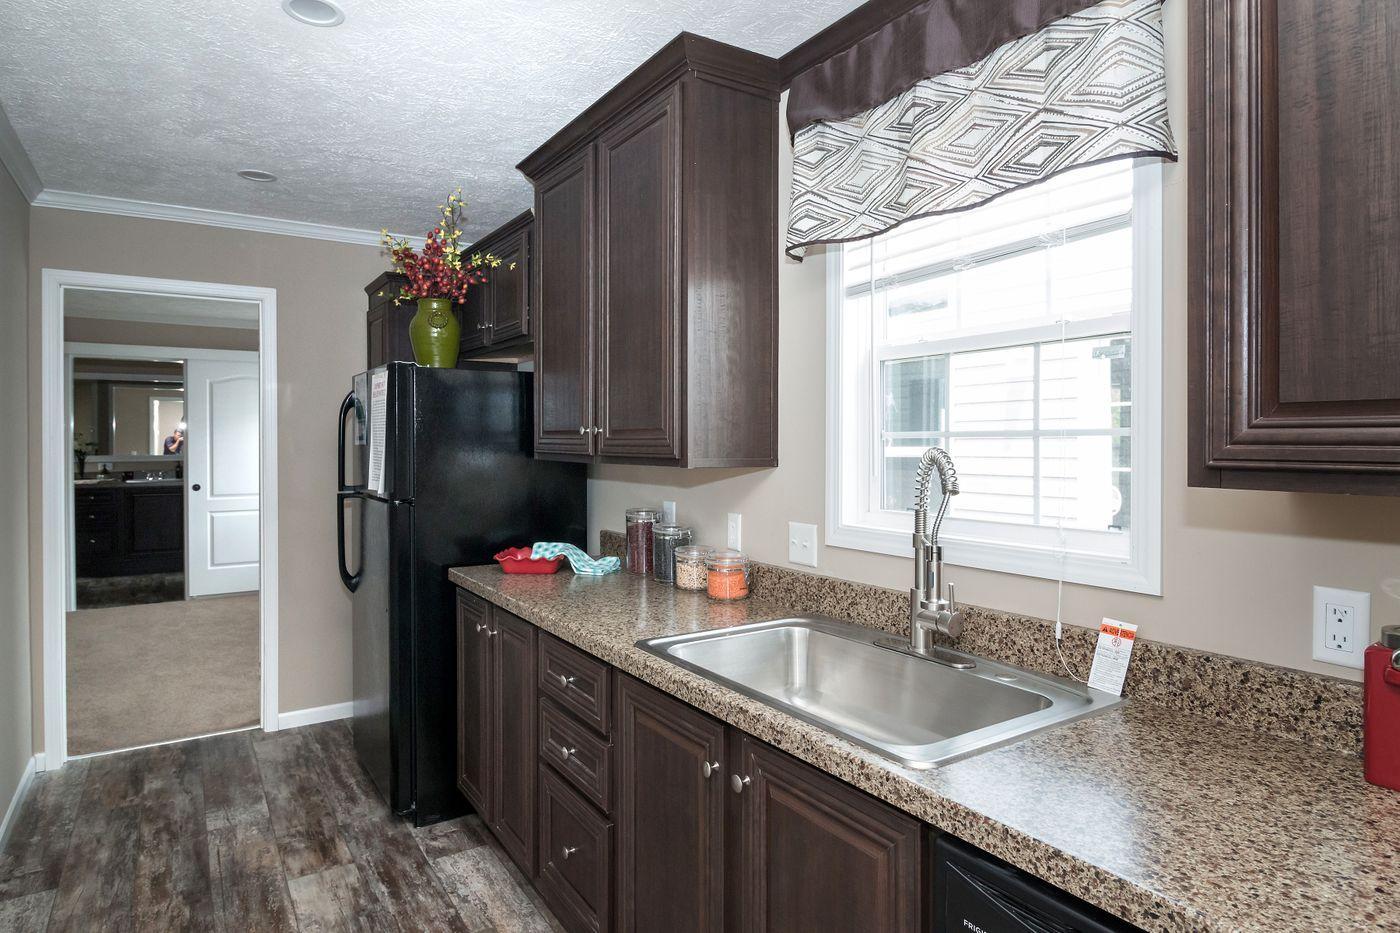 2463mar Kitchen